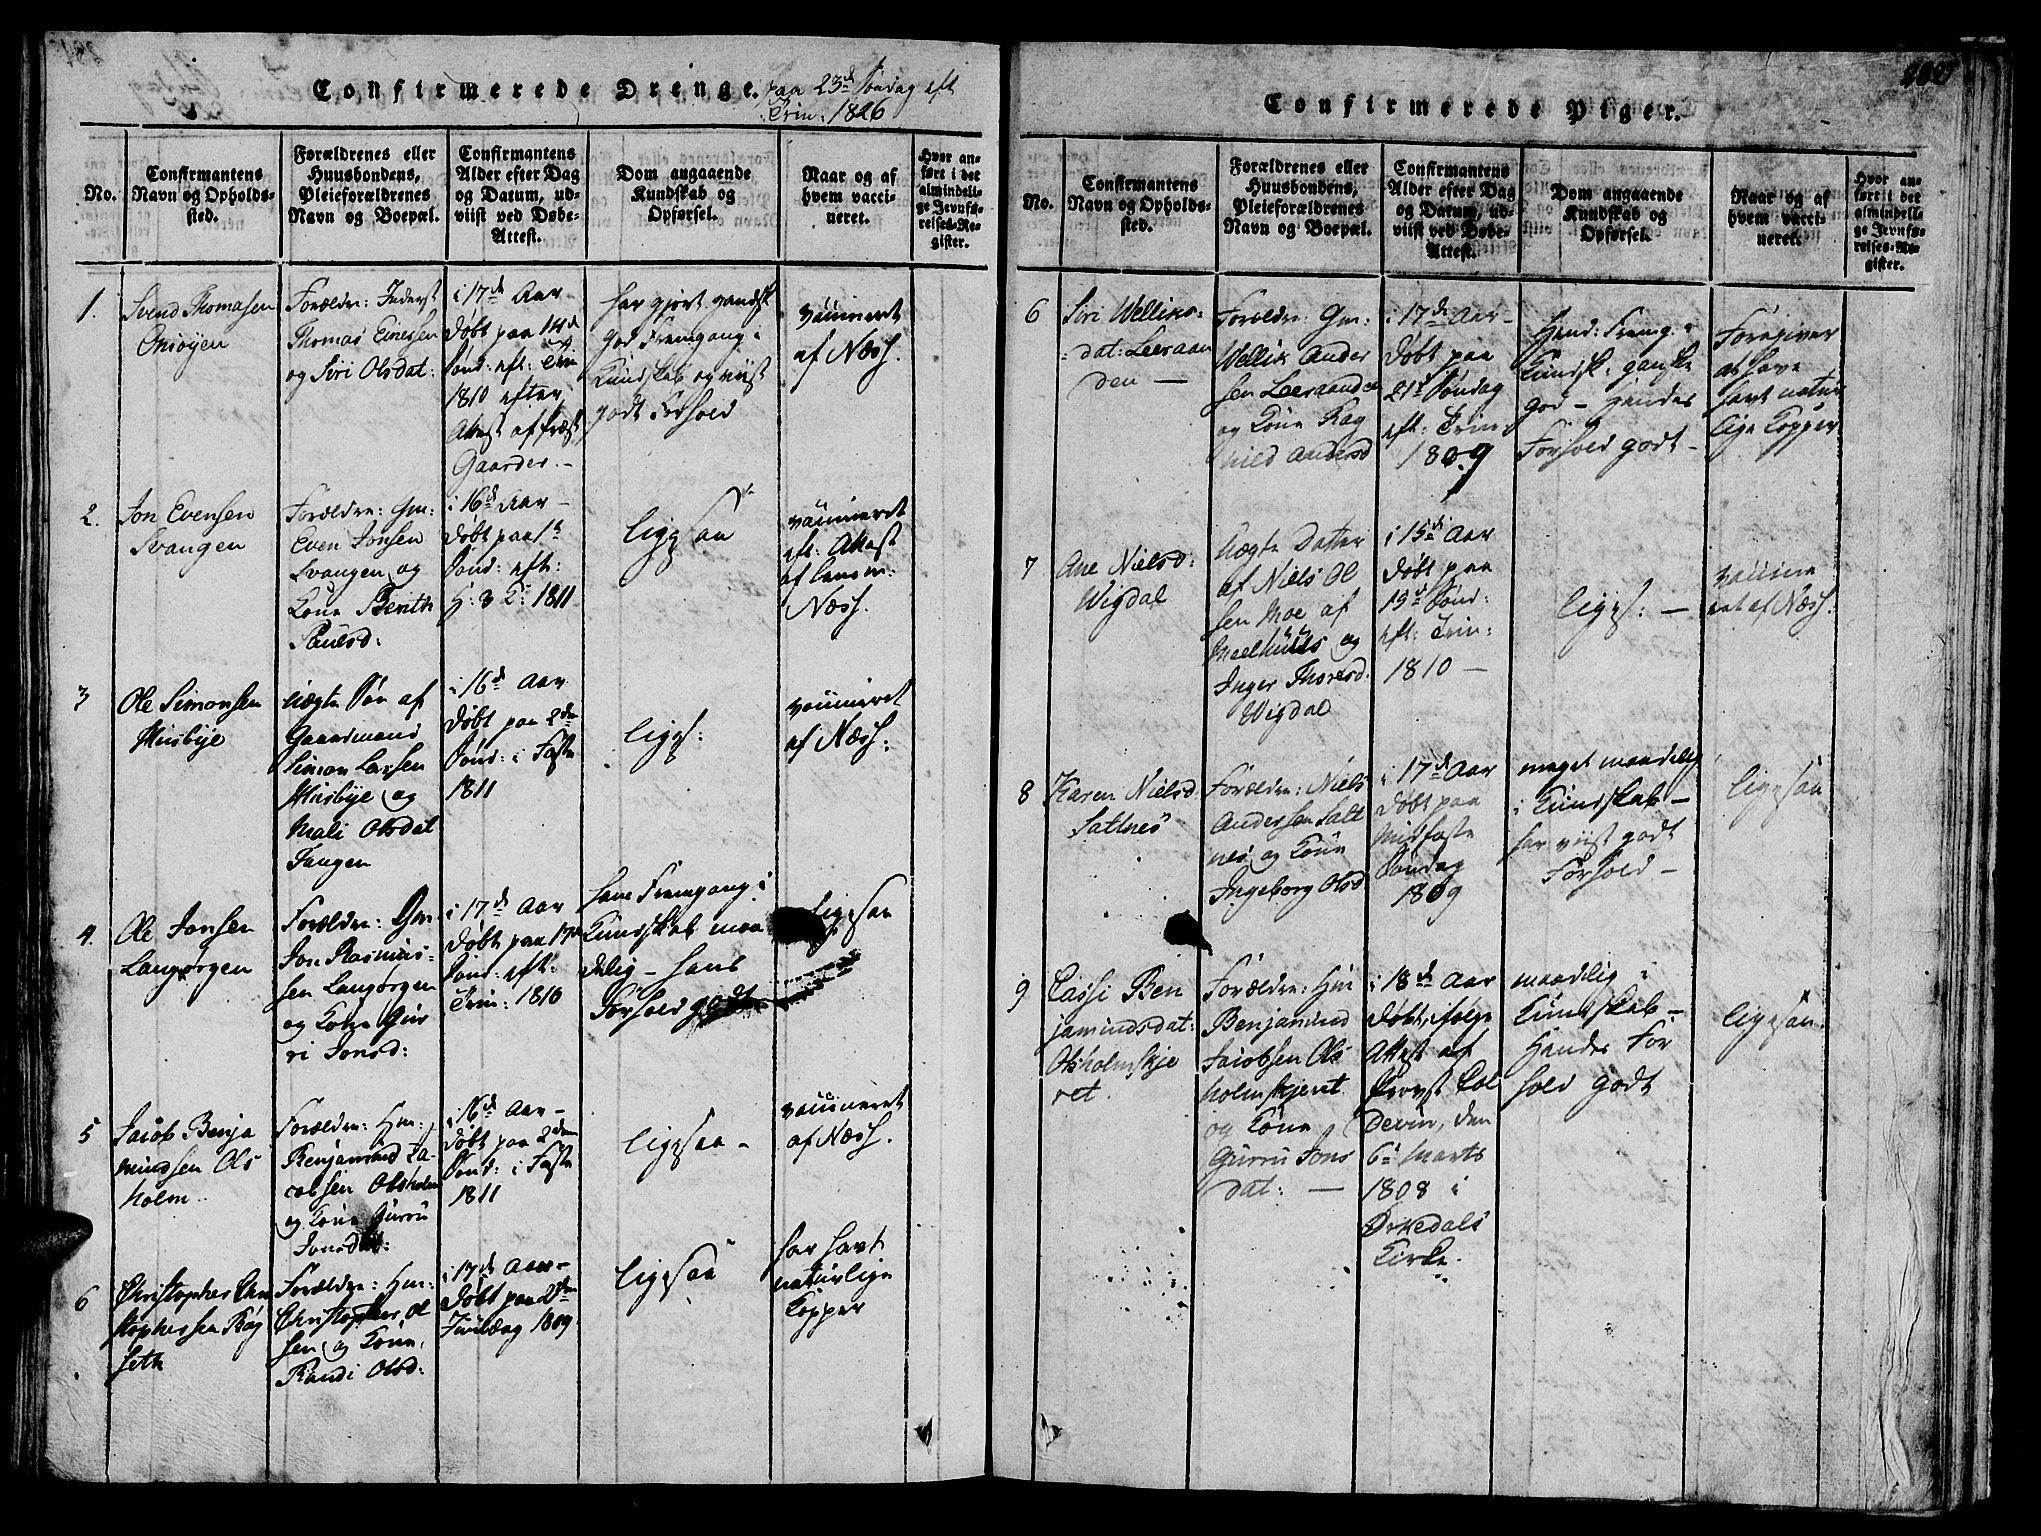 SAT, Ministerialprotokoller, klokkerbøker og fødselsregistre - Sør-Trøndelag, 612/L0373: Ministerialbok nr. 612A06 /2, 1816-1828, s. 282